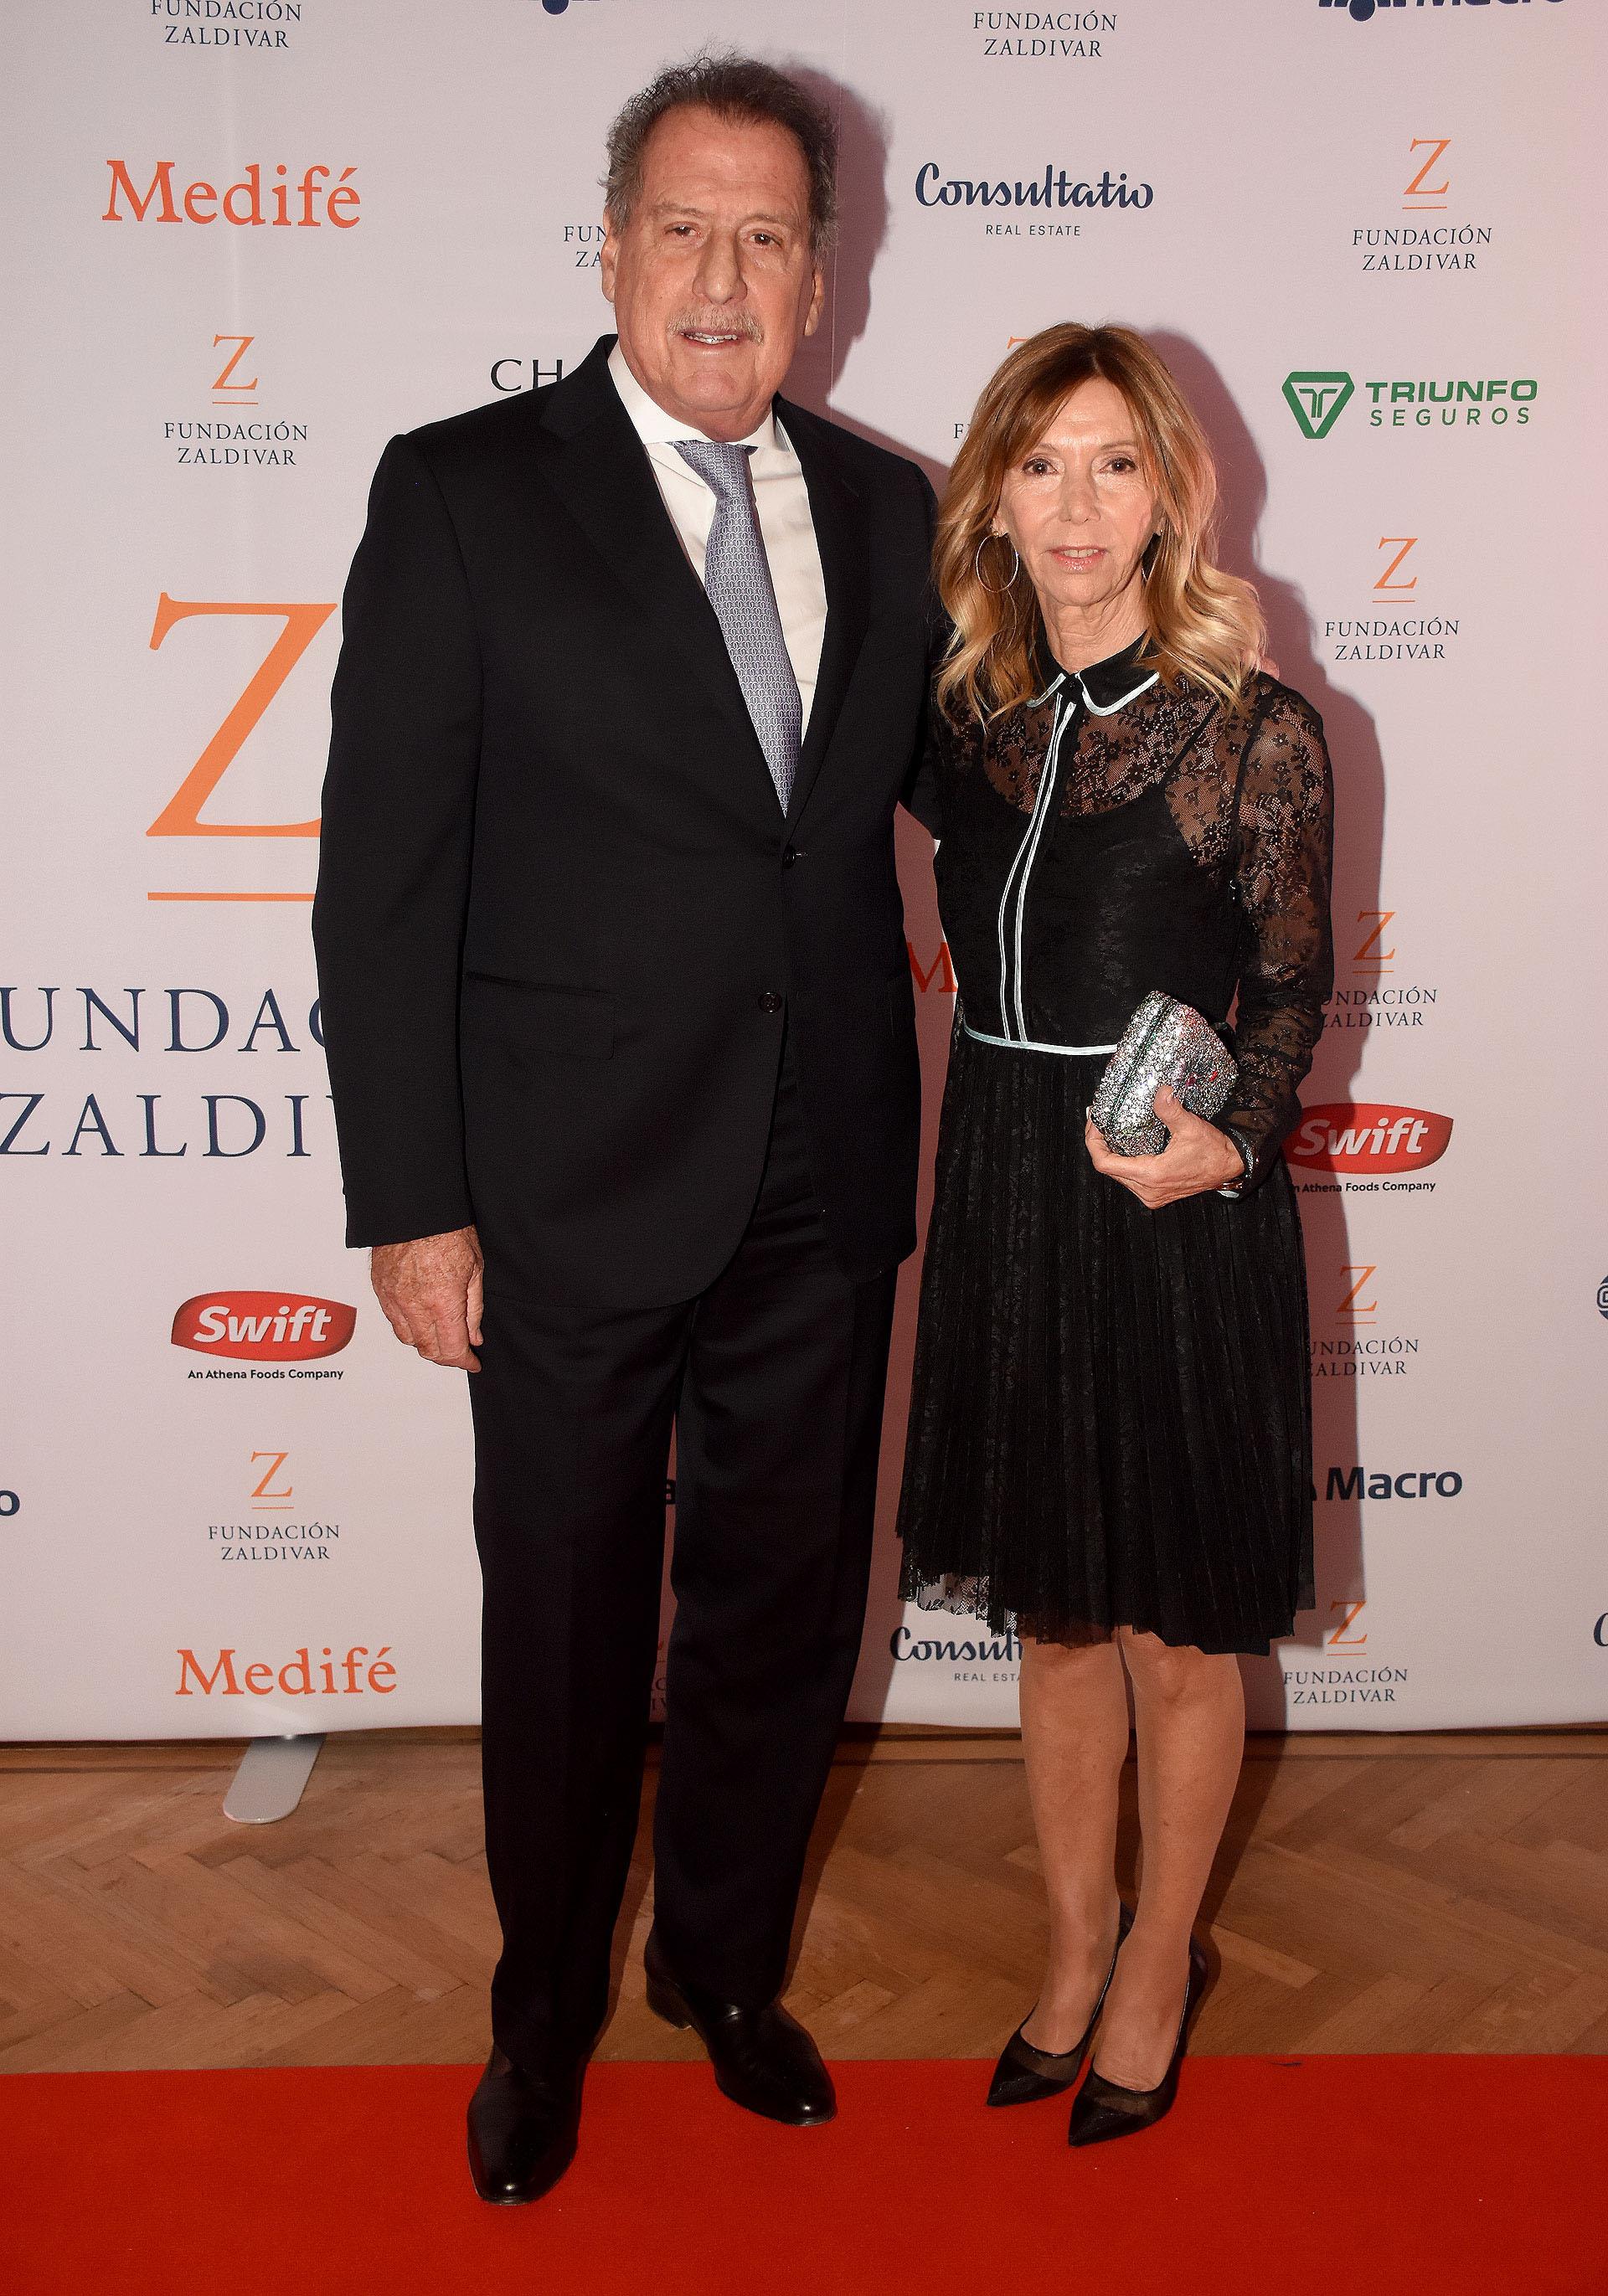 El empresario Jorge Brito y su mujer